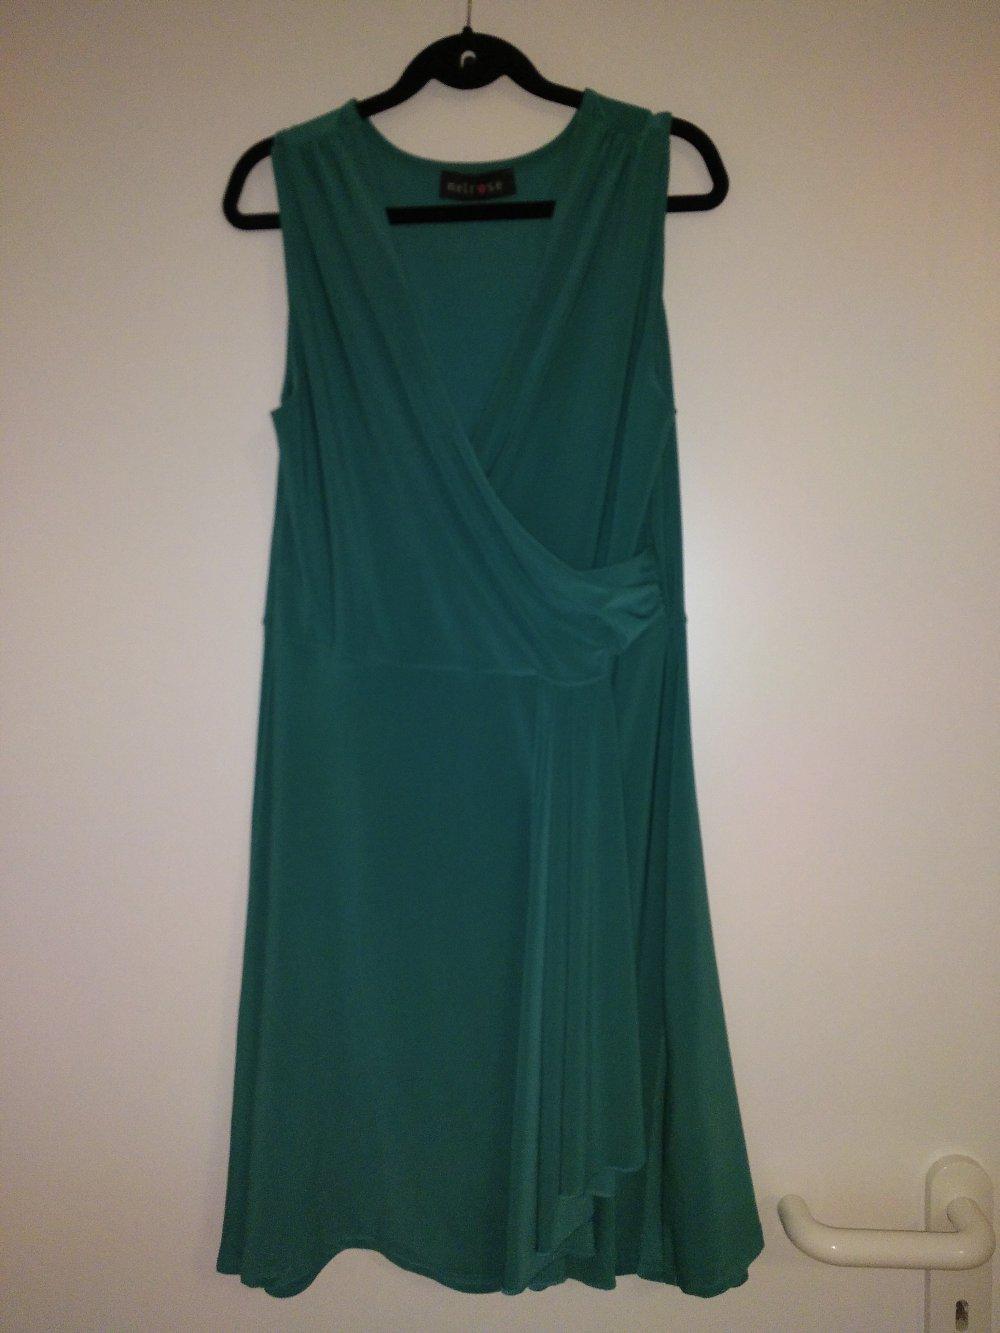 Smaragdgrünes Kleid mit Wickeloptik